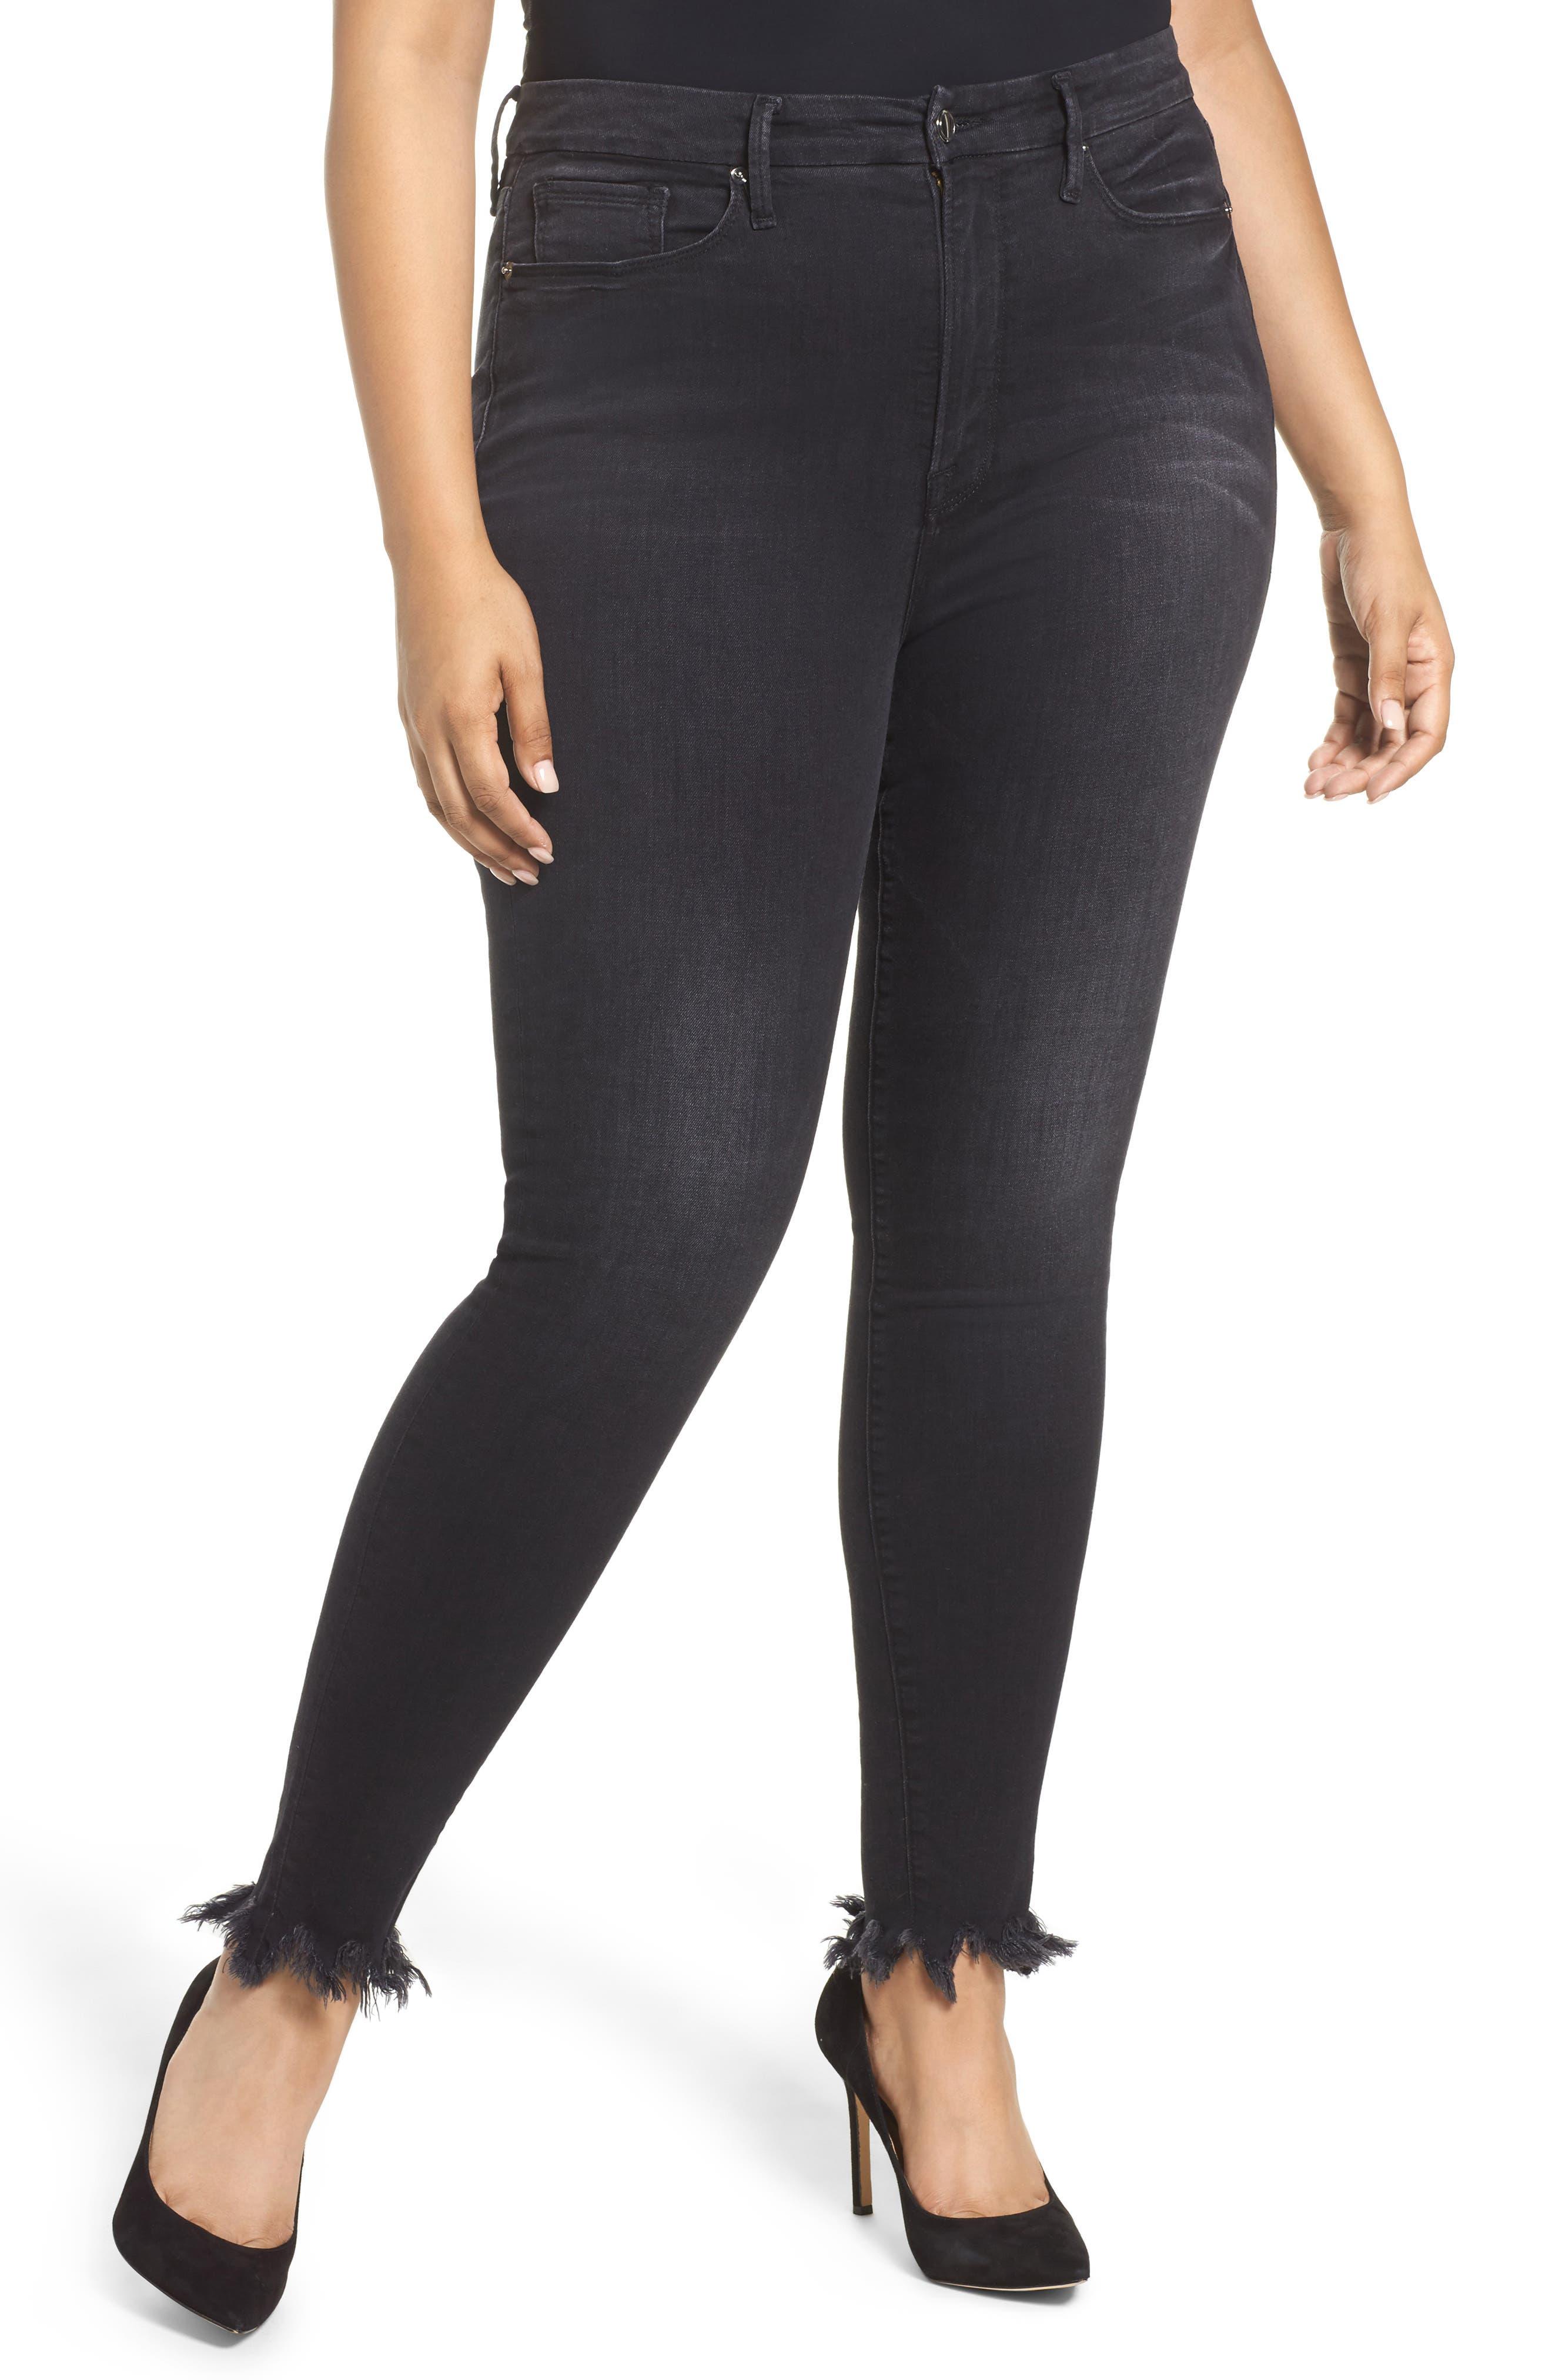 Alternate Image 4  - Good American Good Waist Fray Hem Skinny Jeans (Black 012) (Extended Sizes)